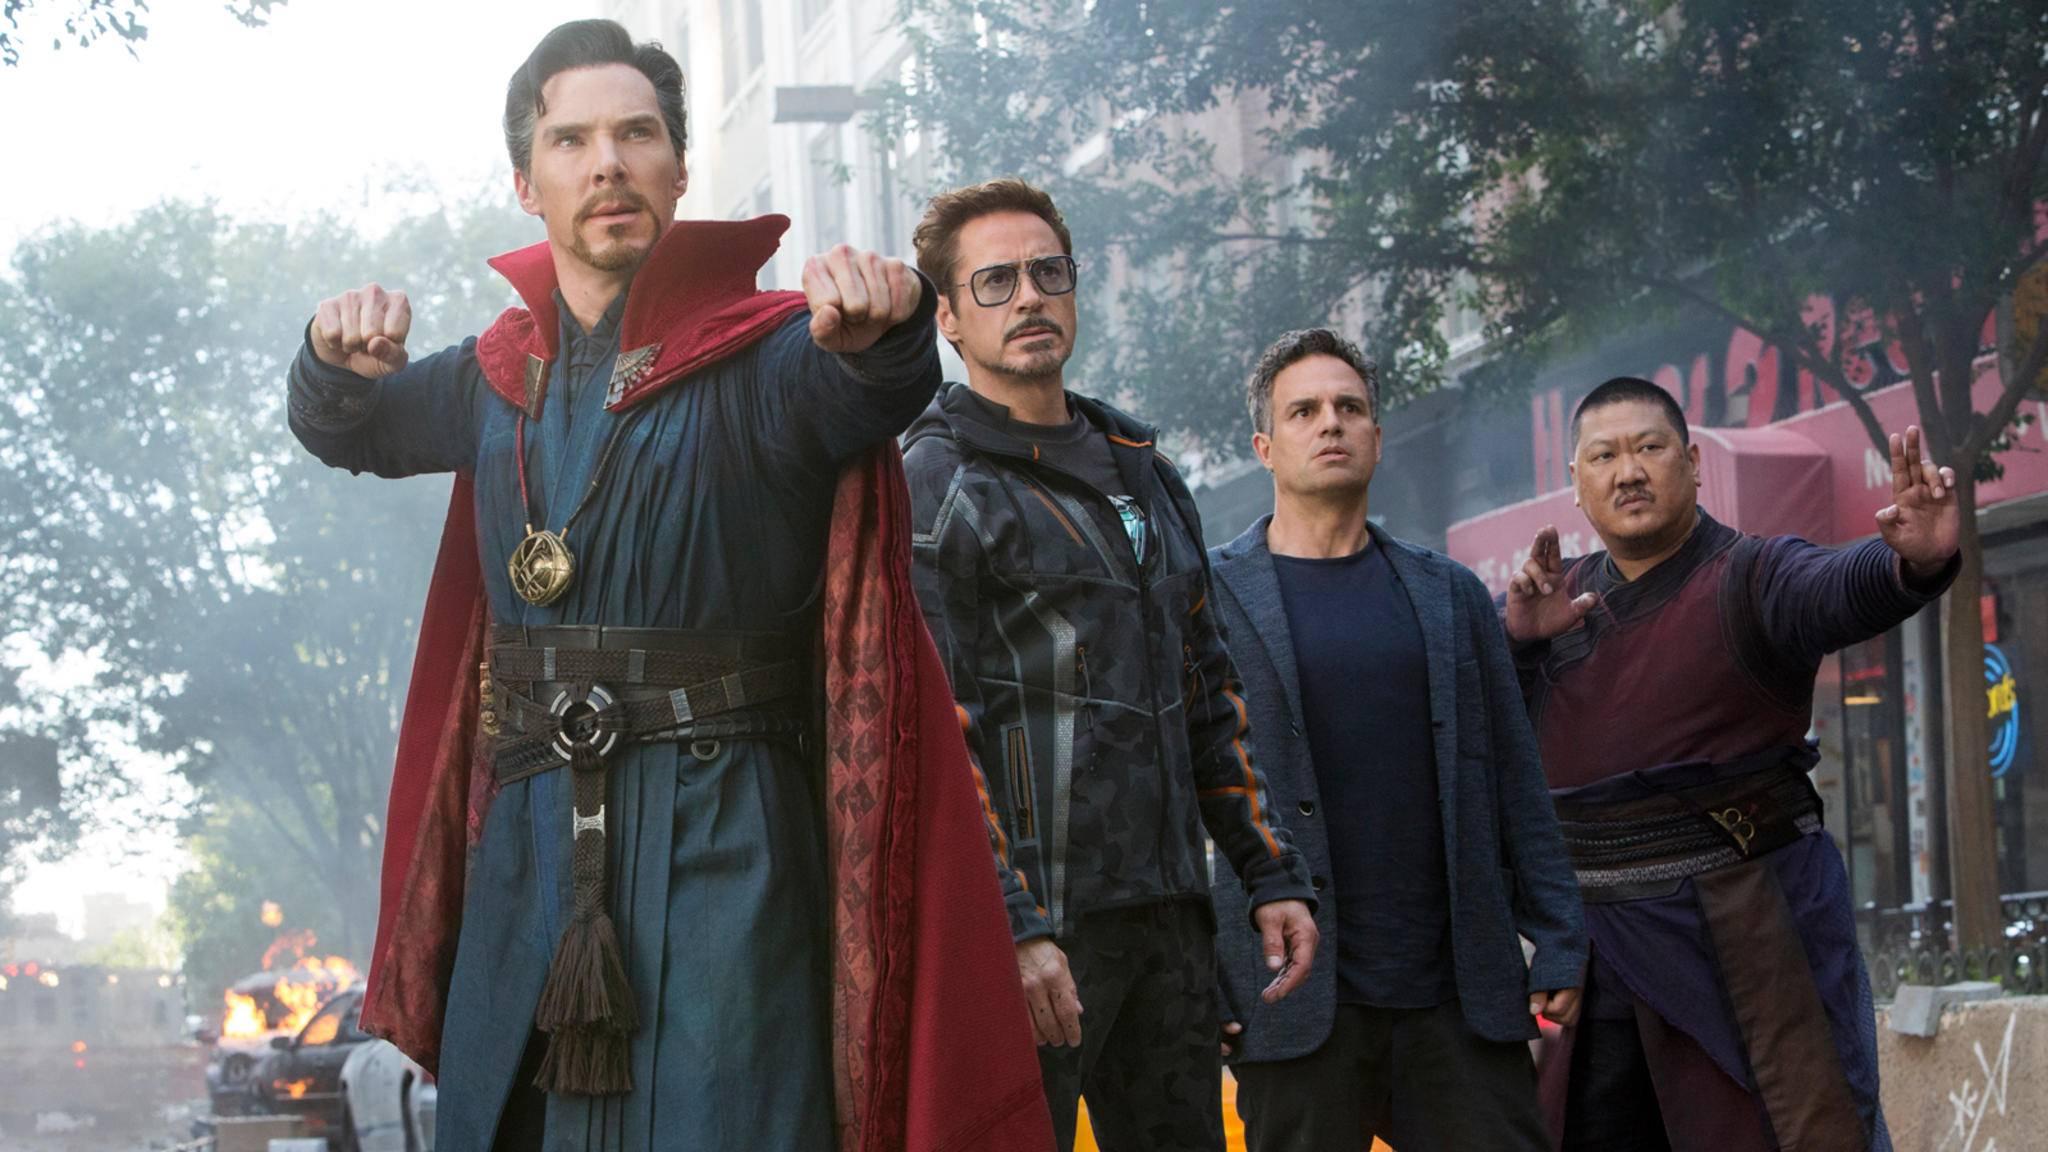 Da darf man schon mal starren: Auch Doctor Strange (links) und Wong (rechts) haben neue Charakterposter bekommen.